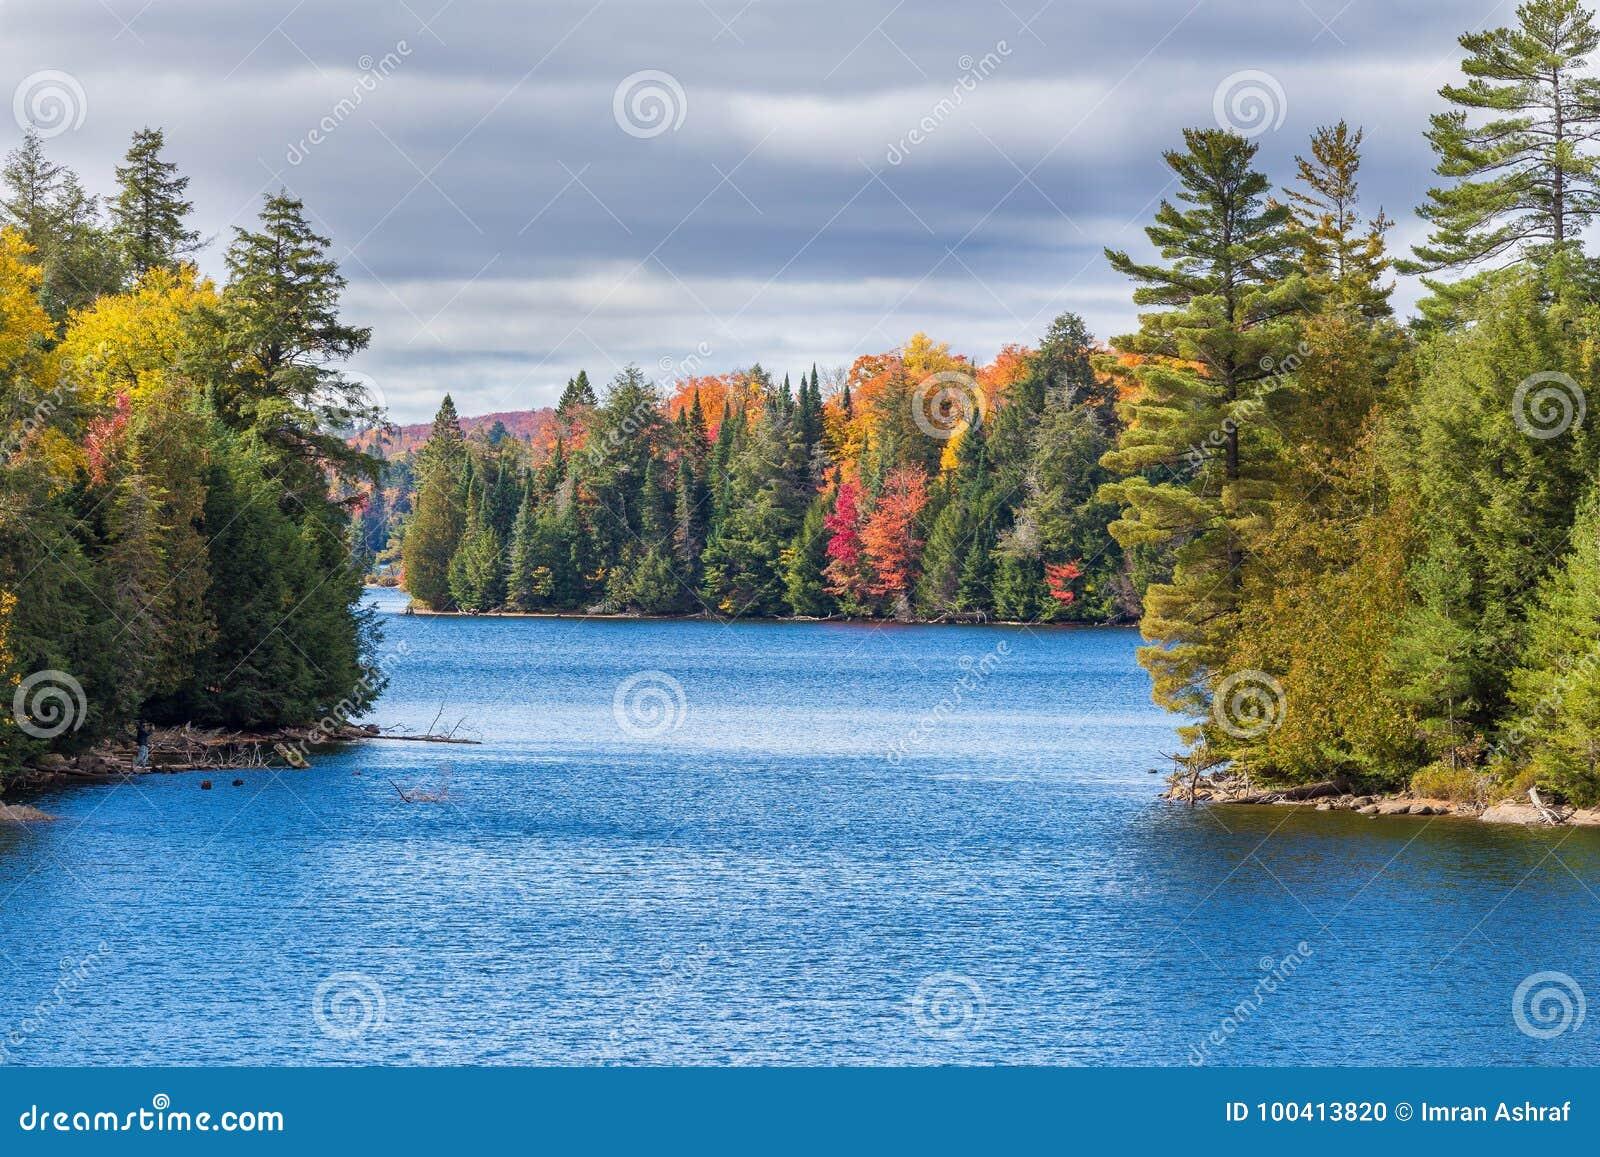 Fallbäume mit See